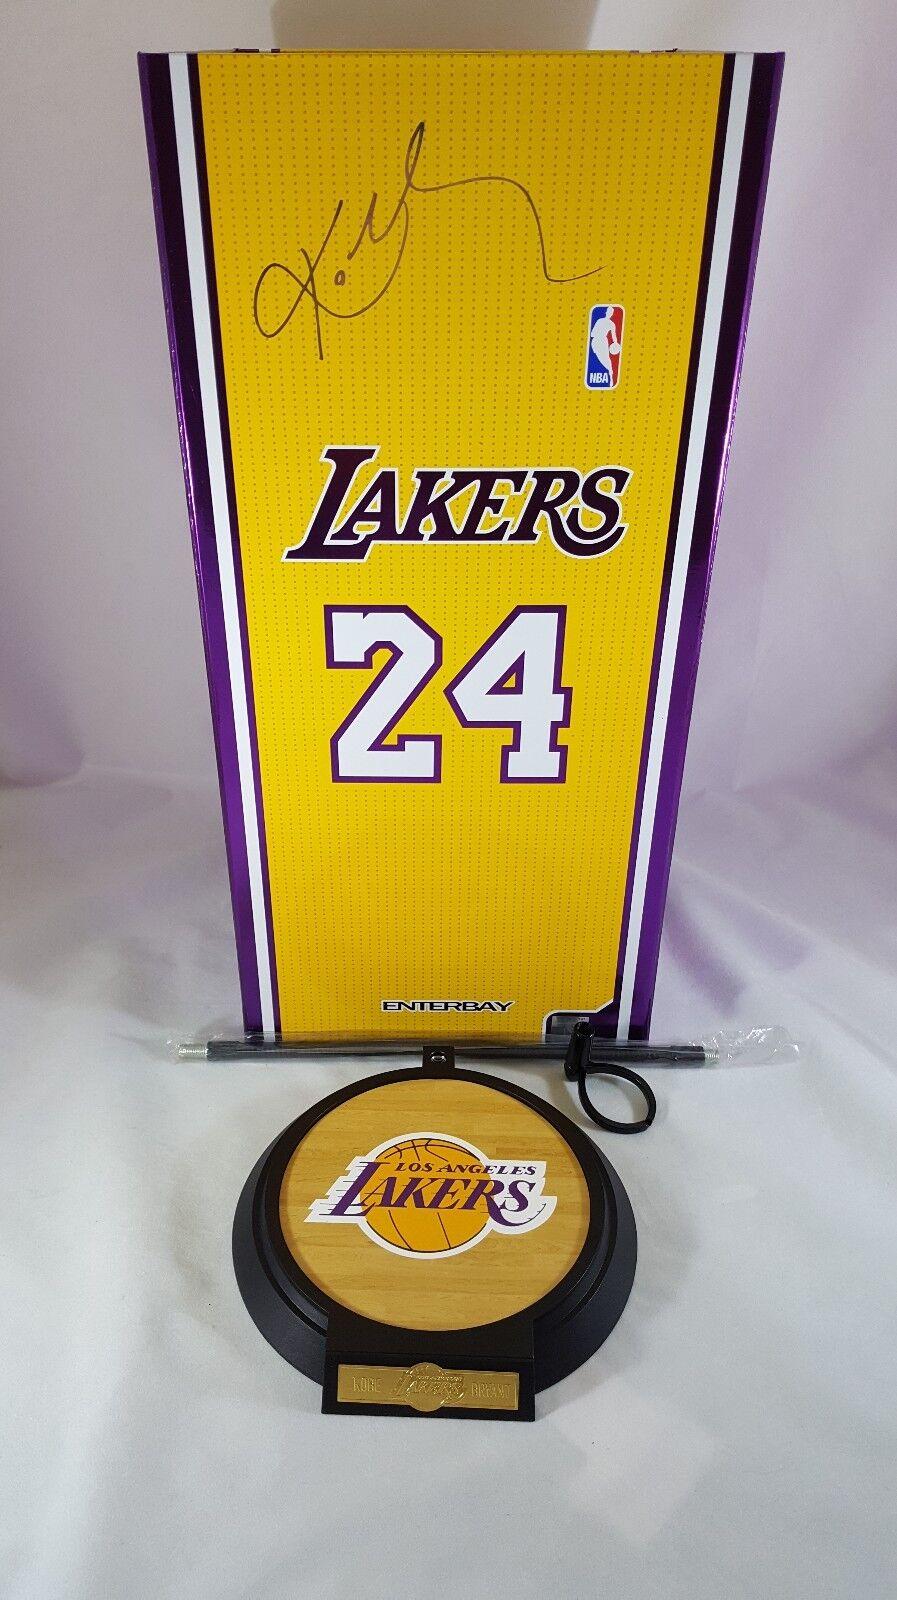 ENTERBAY 1 6 Lakers Baloncesto Leyenda Kobe Bryant Figura de acción de la base Soporte G